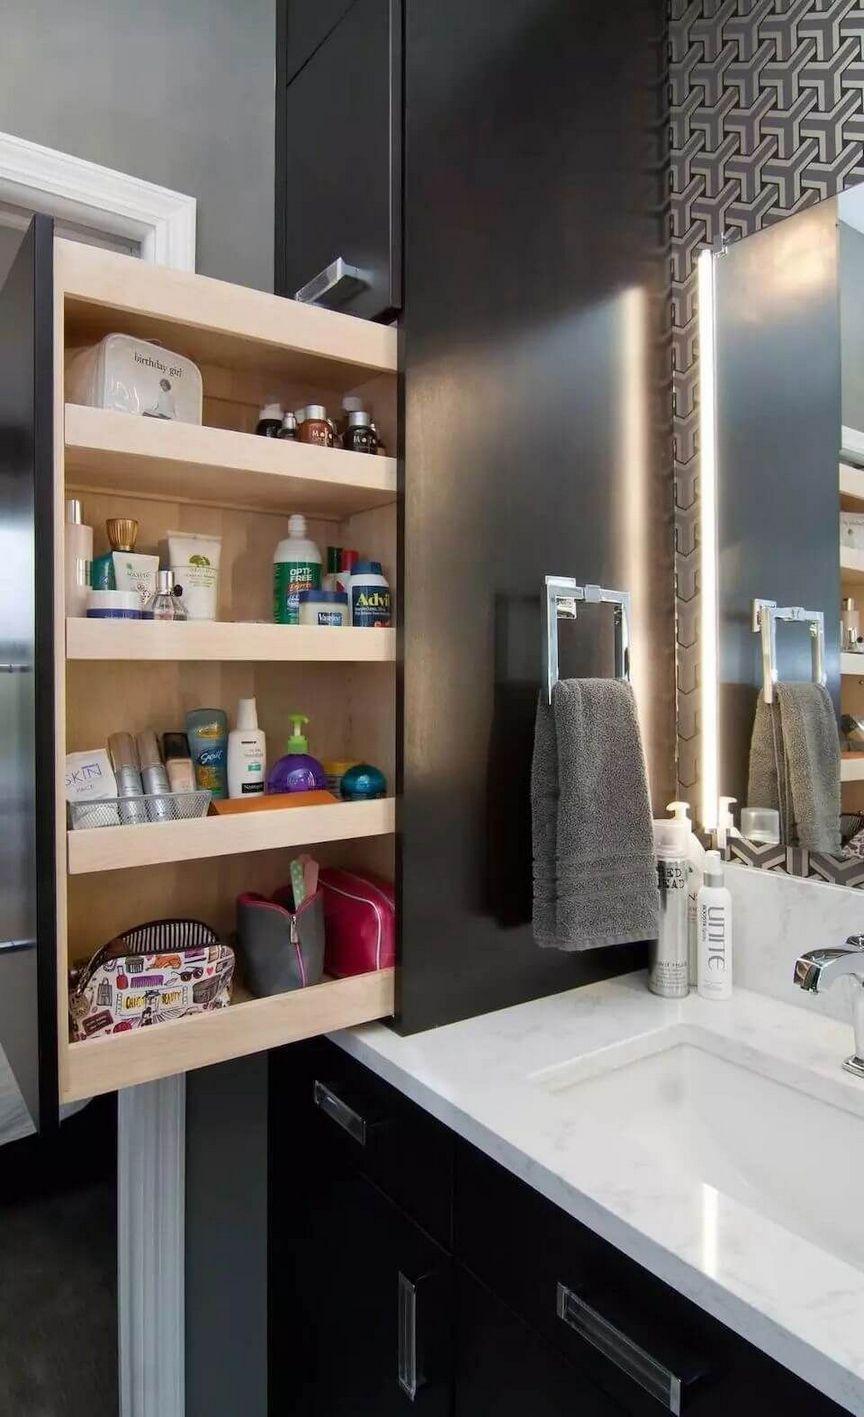 25 Inventive Bathroom Storage Ideas Made Easy Diy Bathroom Storage Small Bathroom Storage Bathroom Design